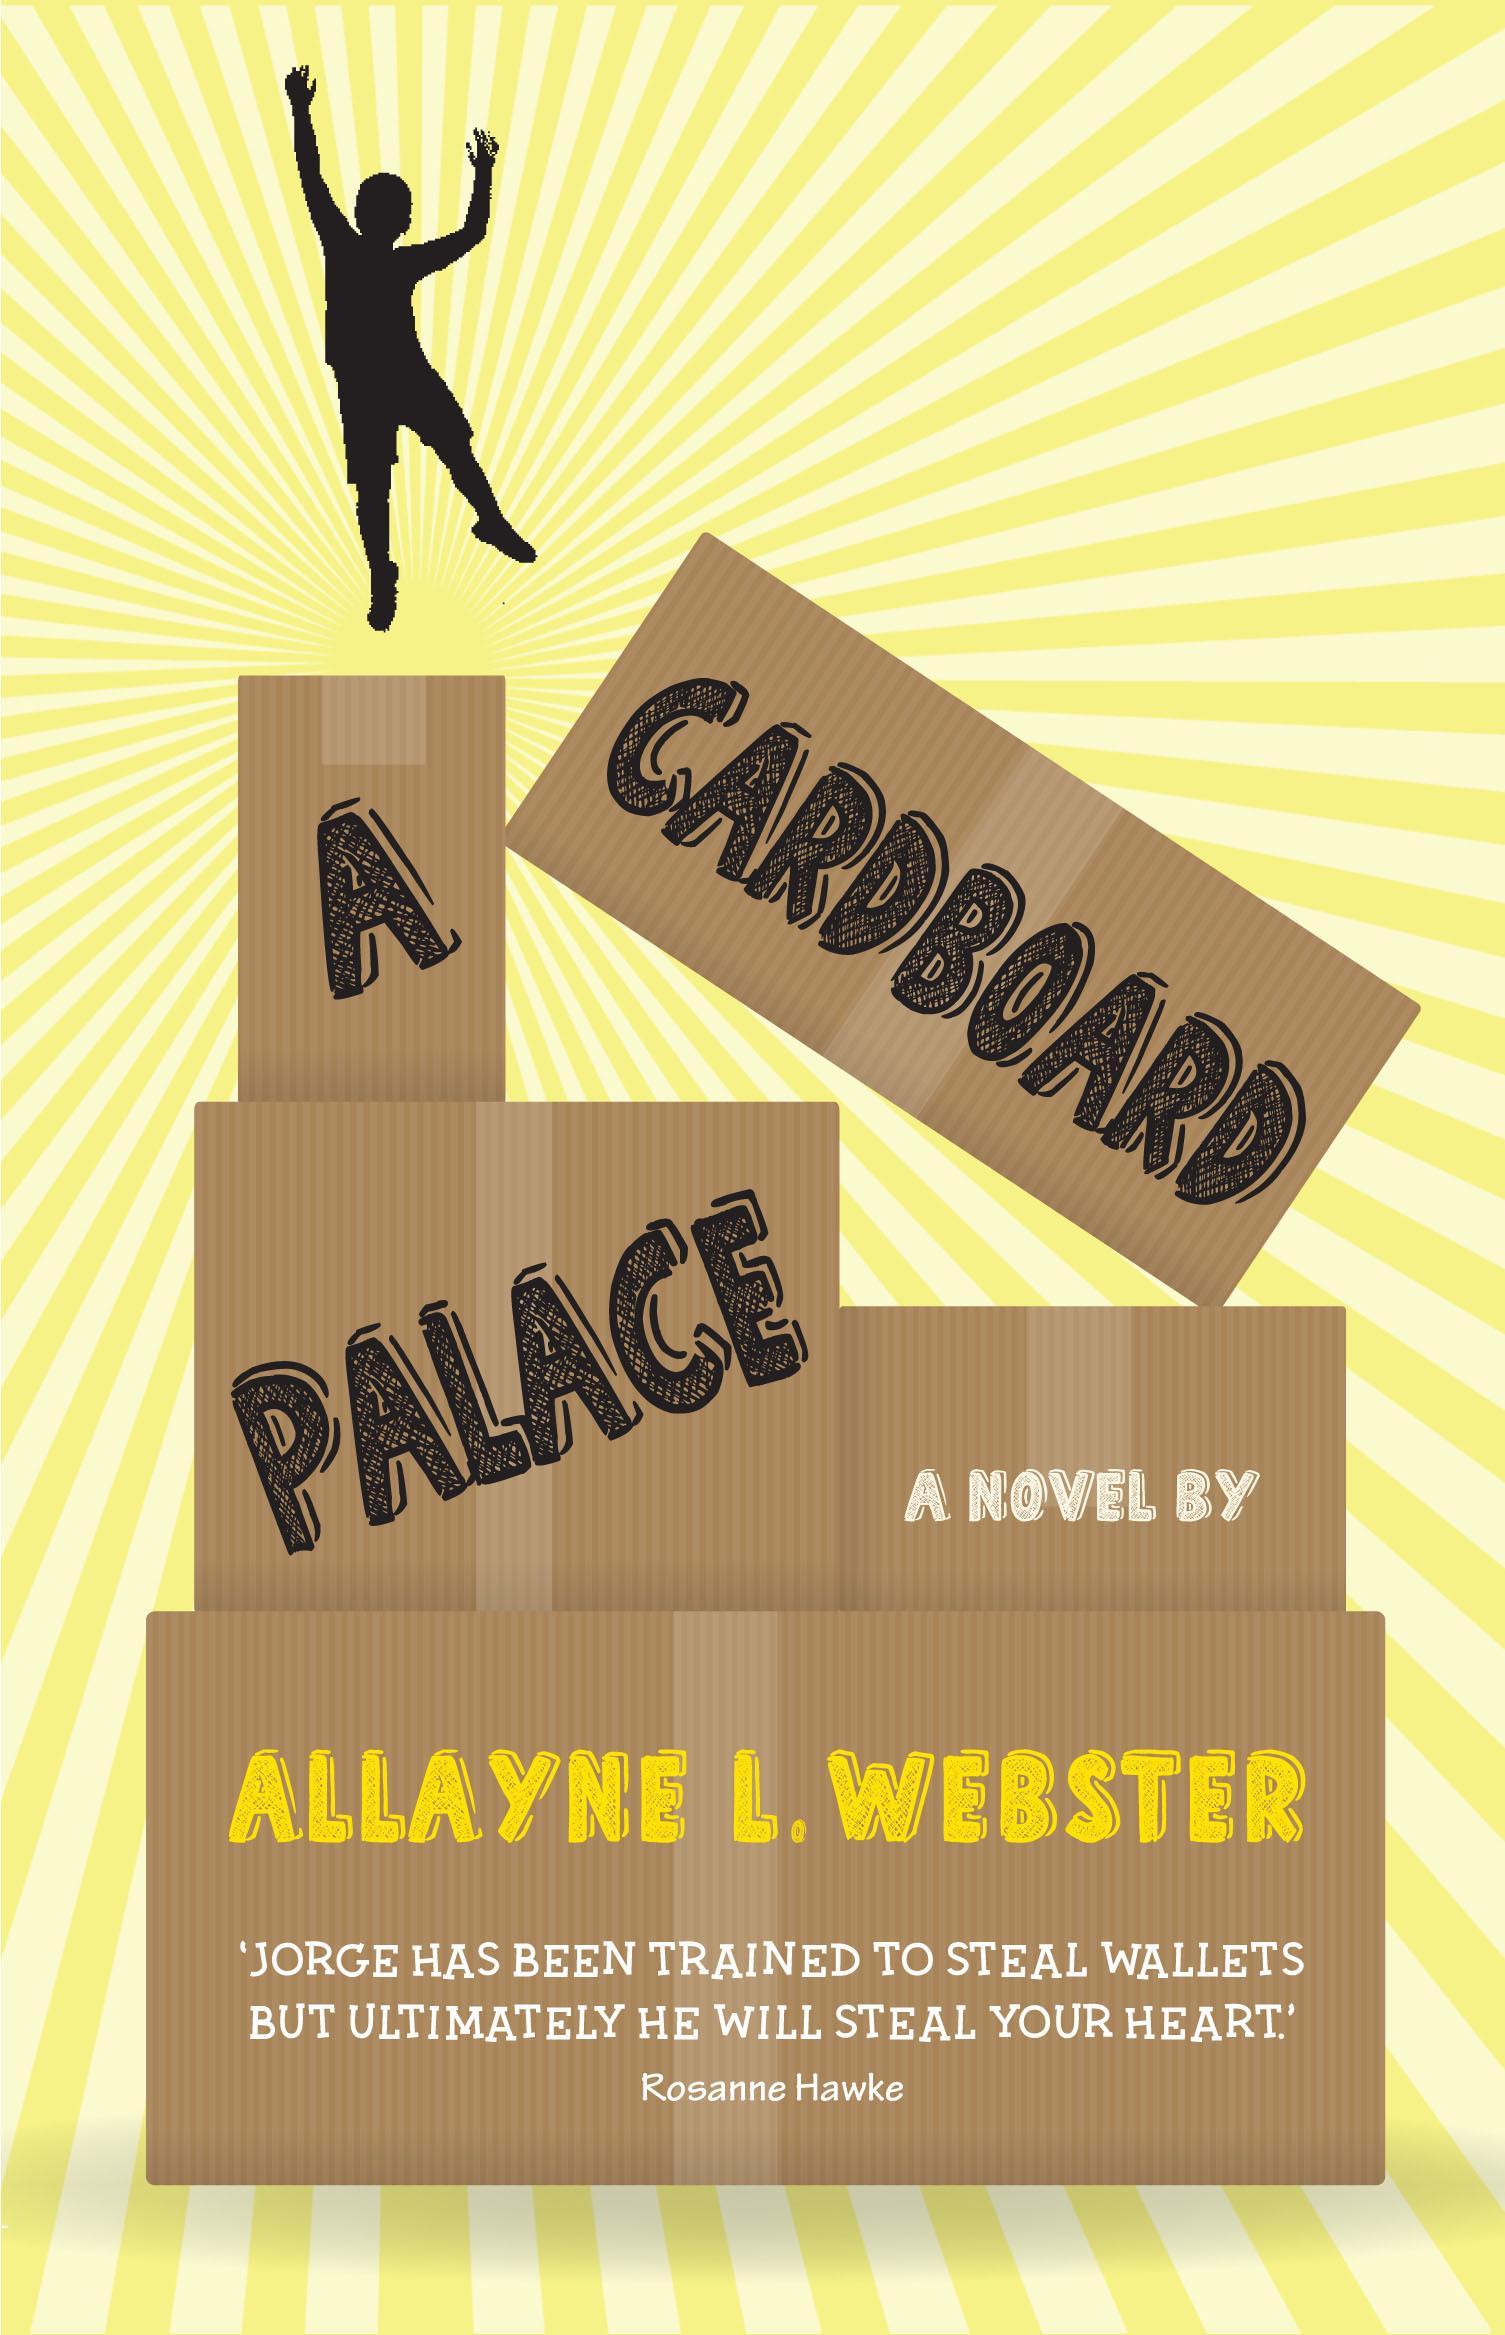 ACardboardPalace